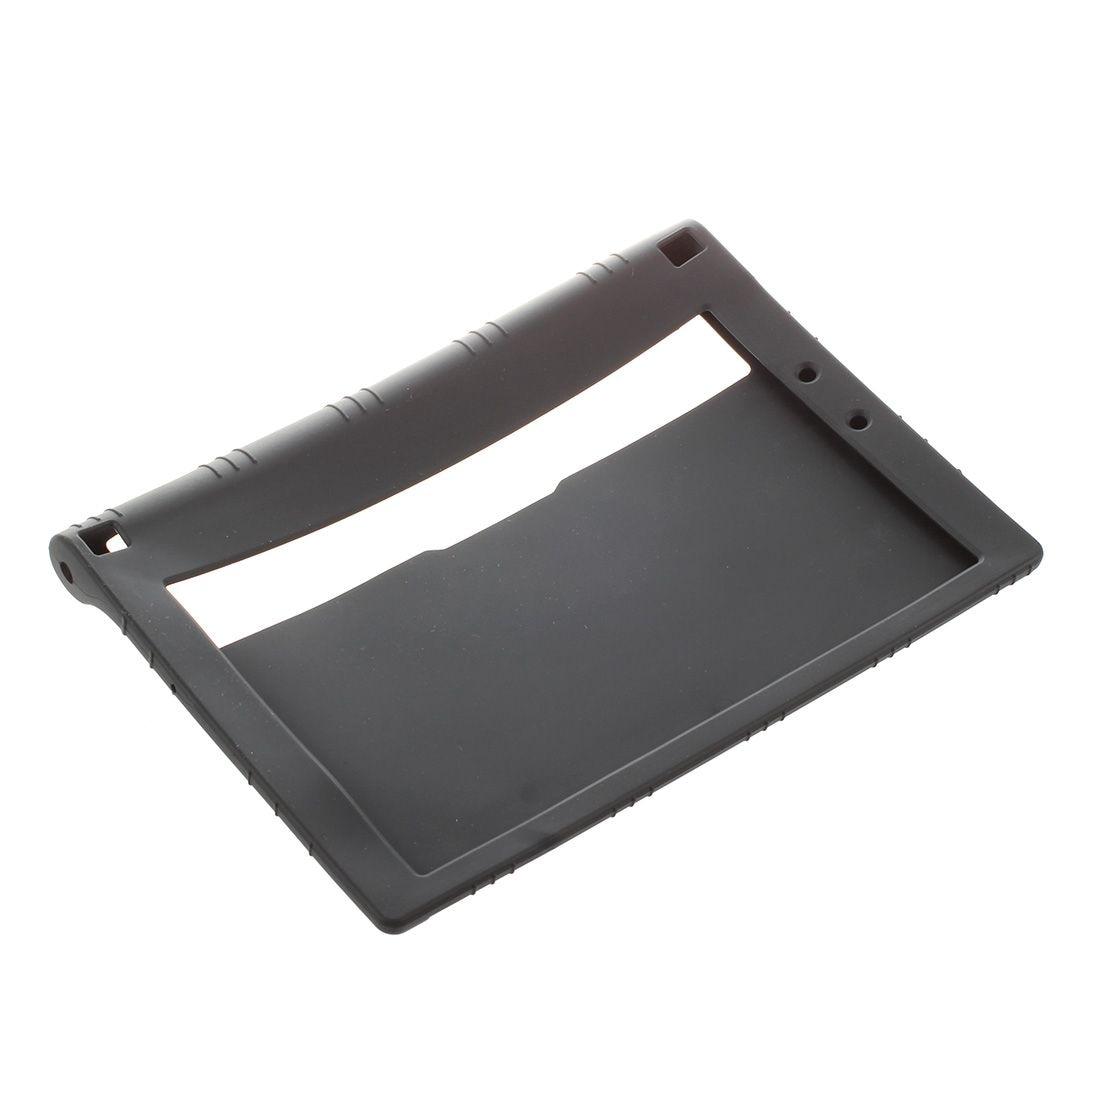 ①  ТПУ силиконовый гель резиновый чехол 10 1 ' дюймов Lenovo Yoga Tablet 2 1050F ЧЕРНЫЙ ✔